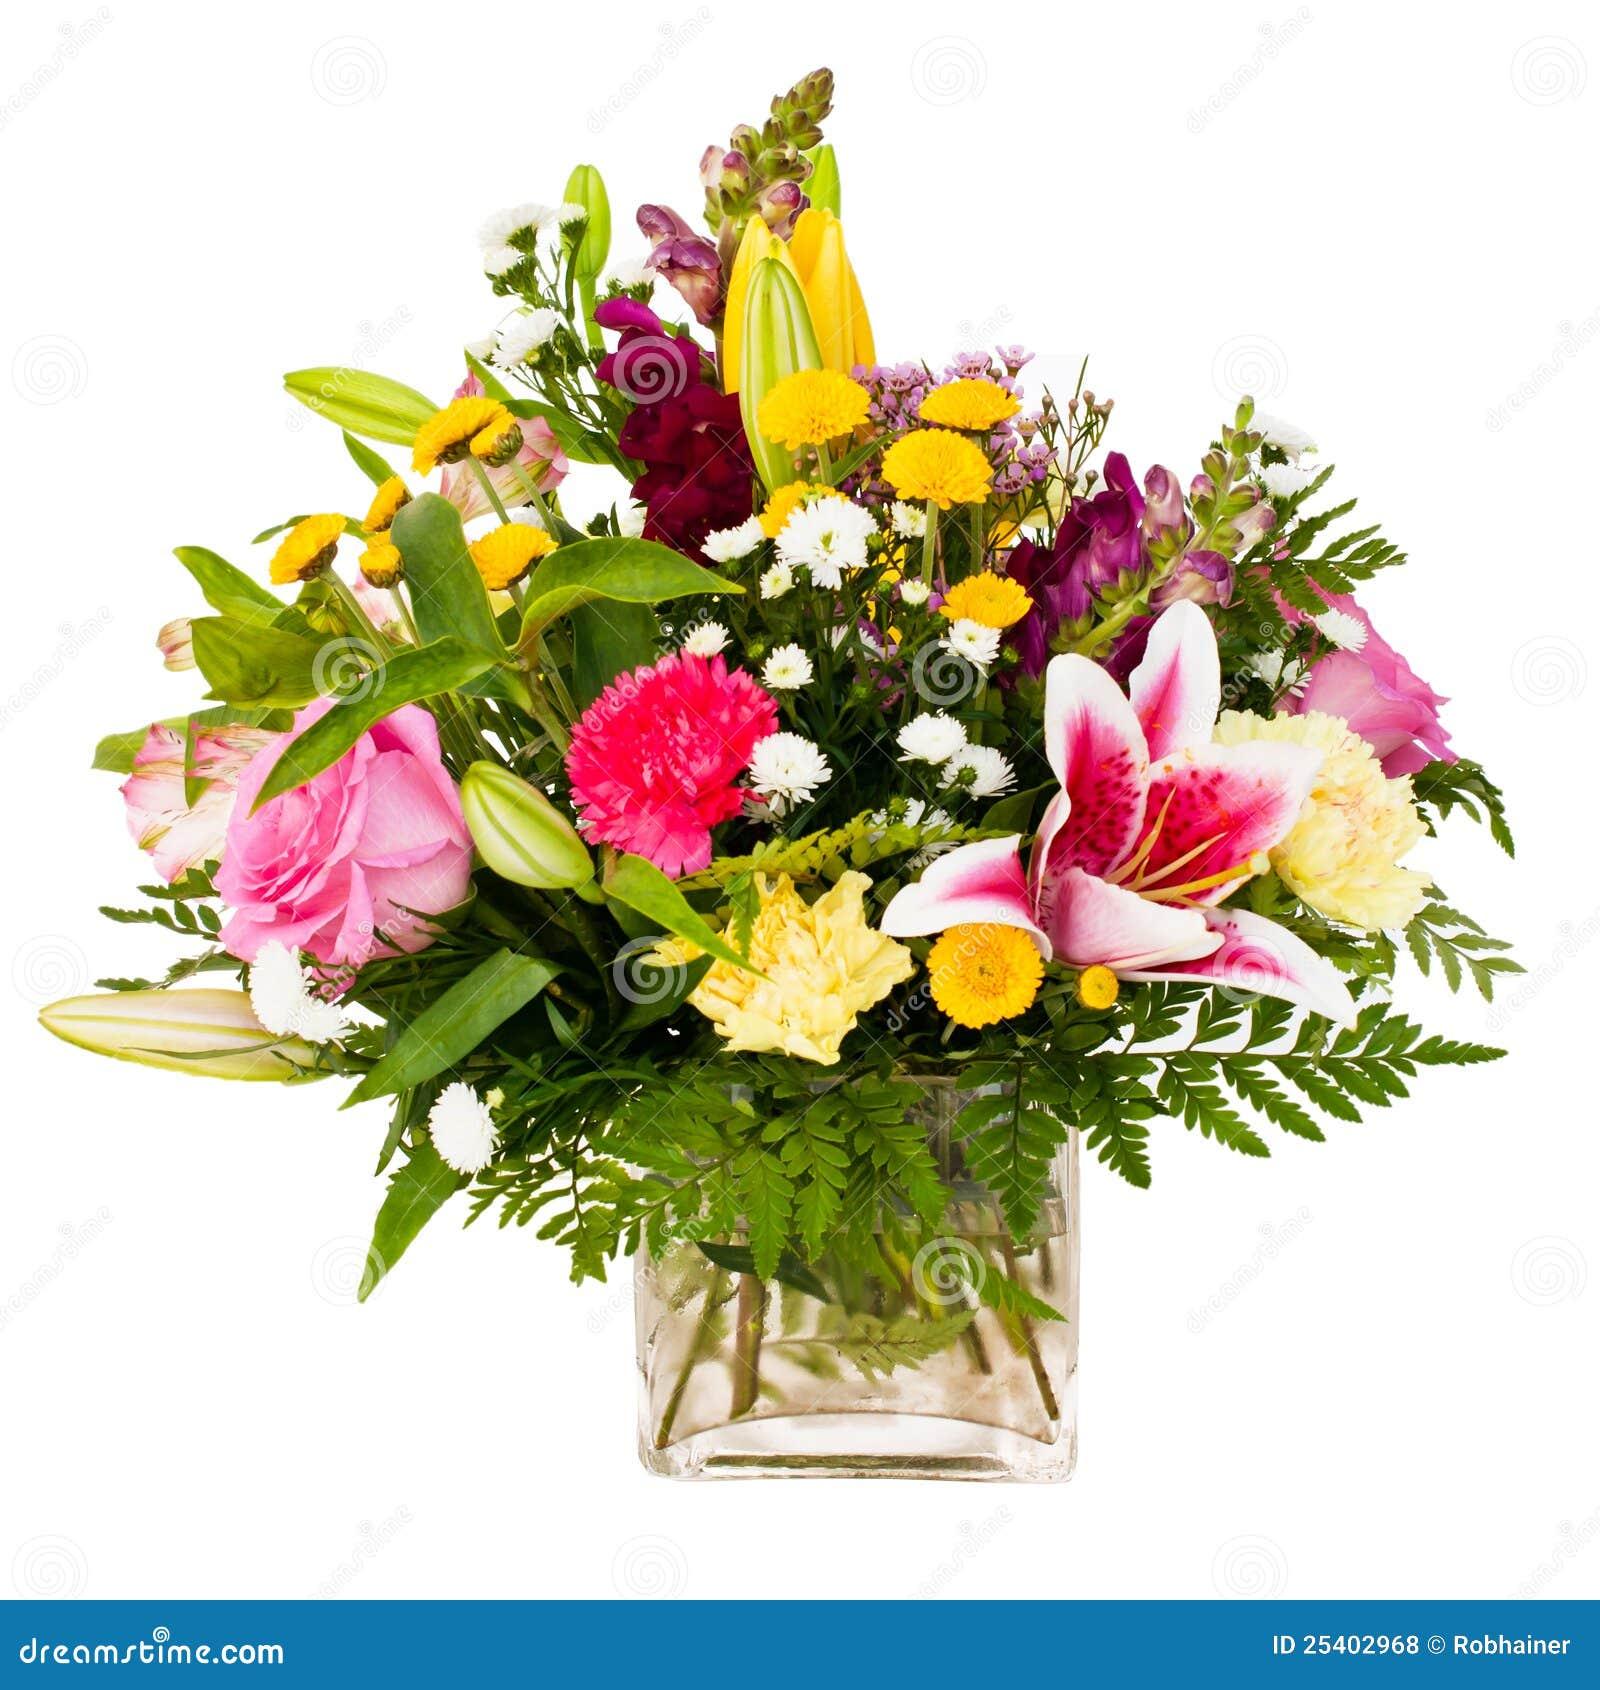 Colorful Flower Bouquet Arrangement Centerpiece Stock